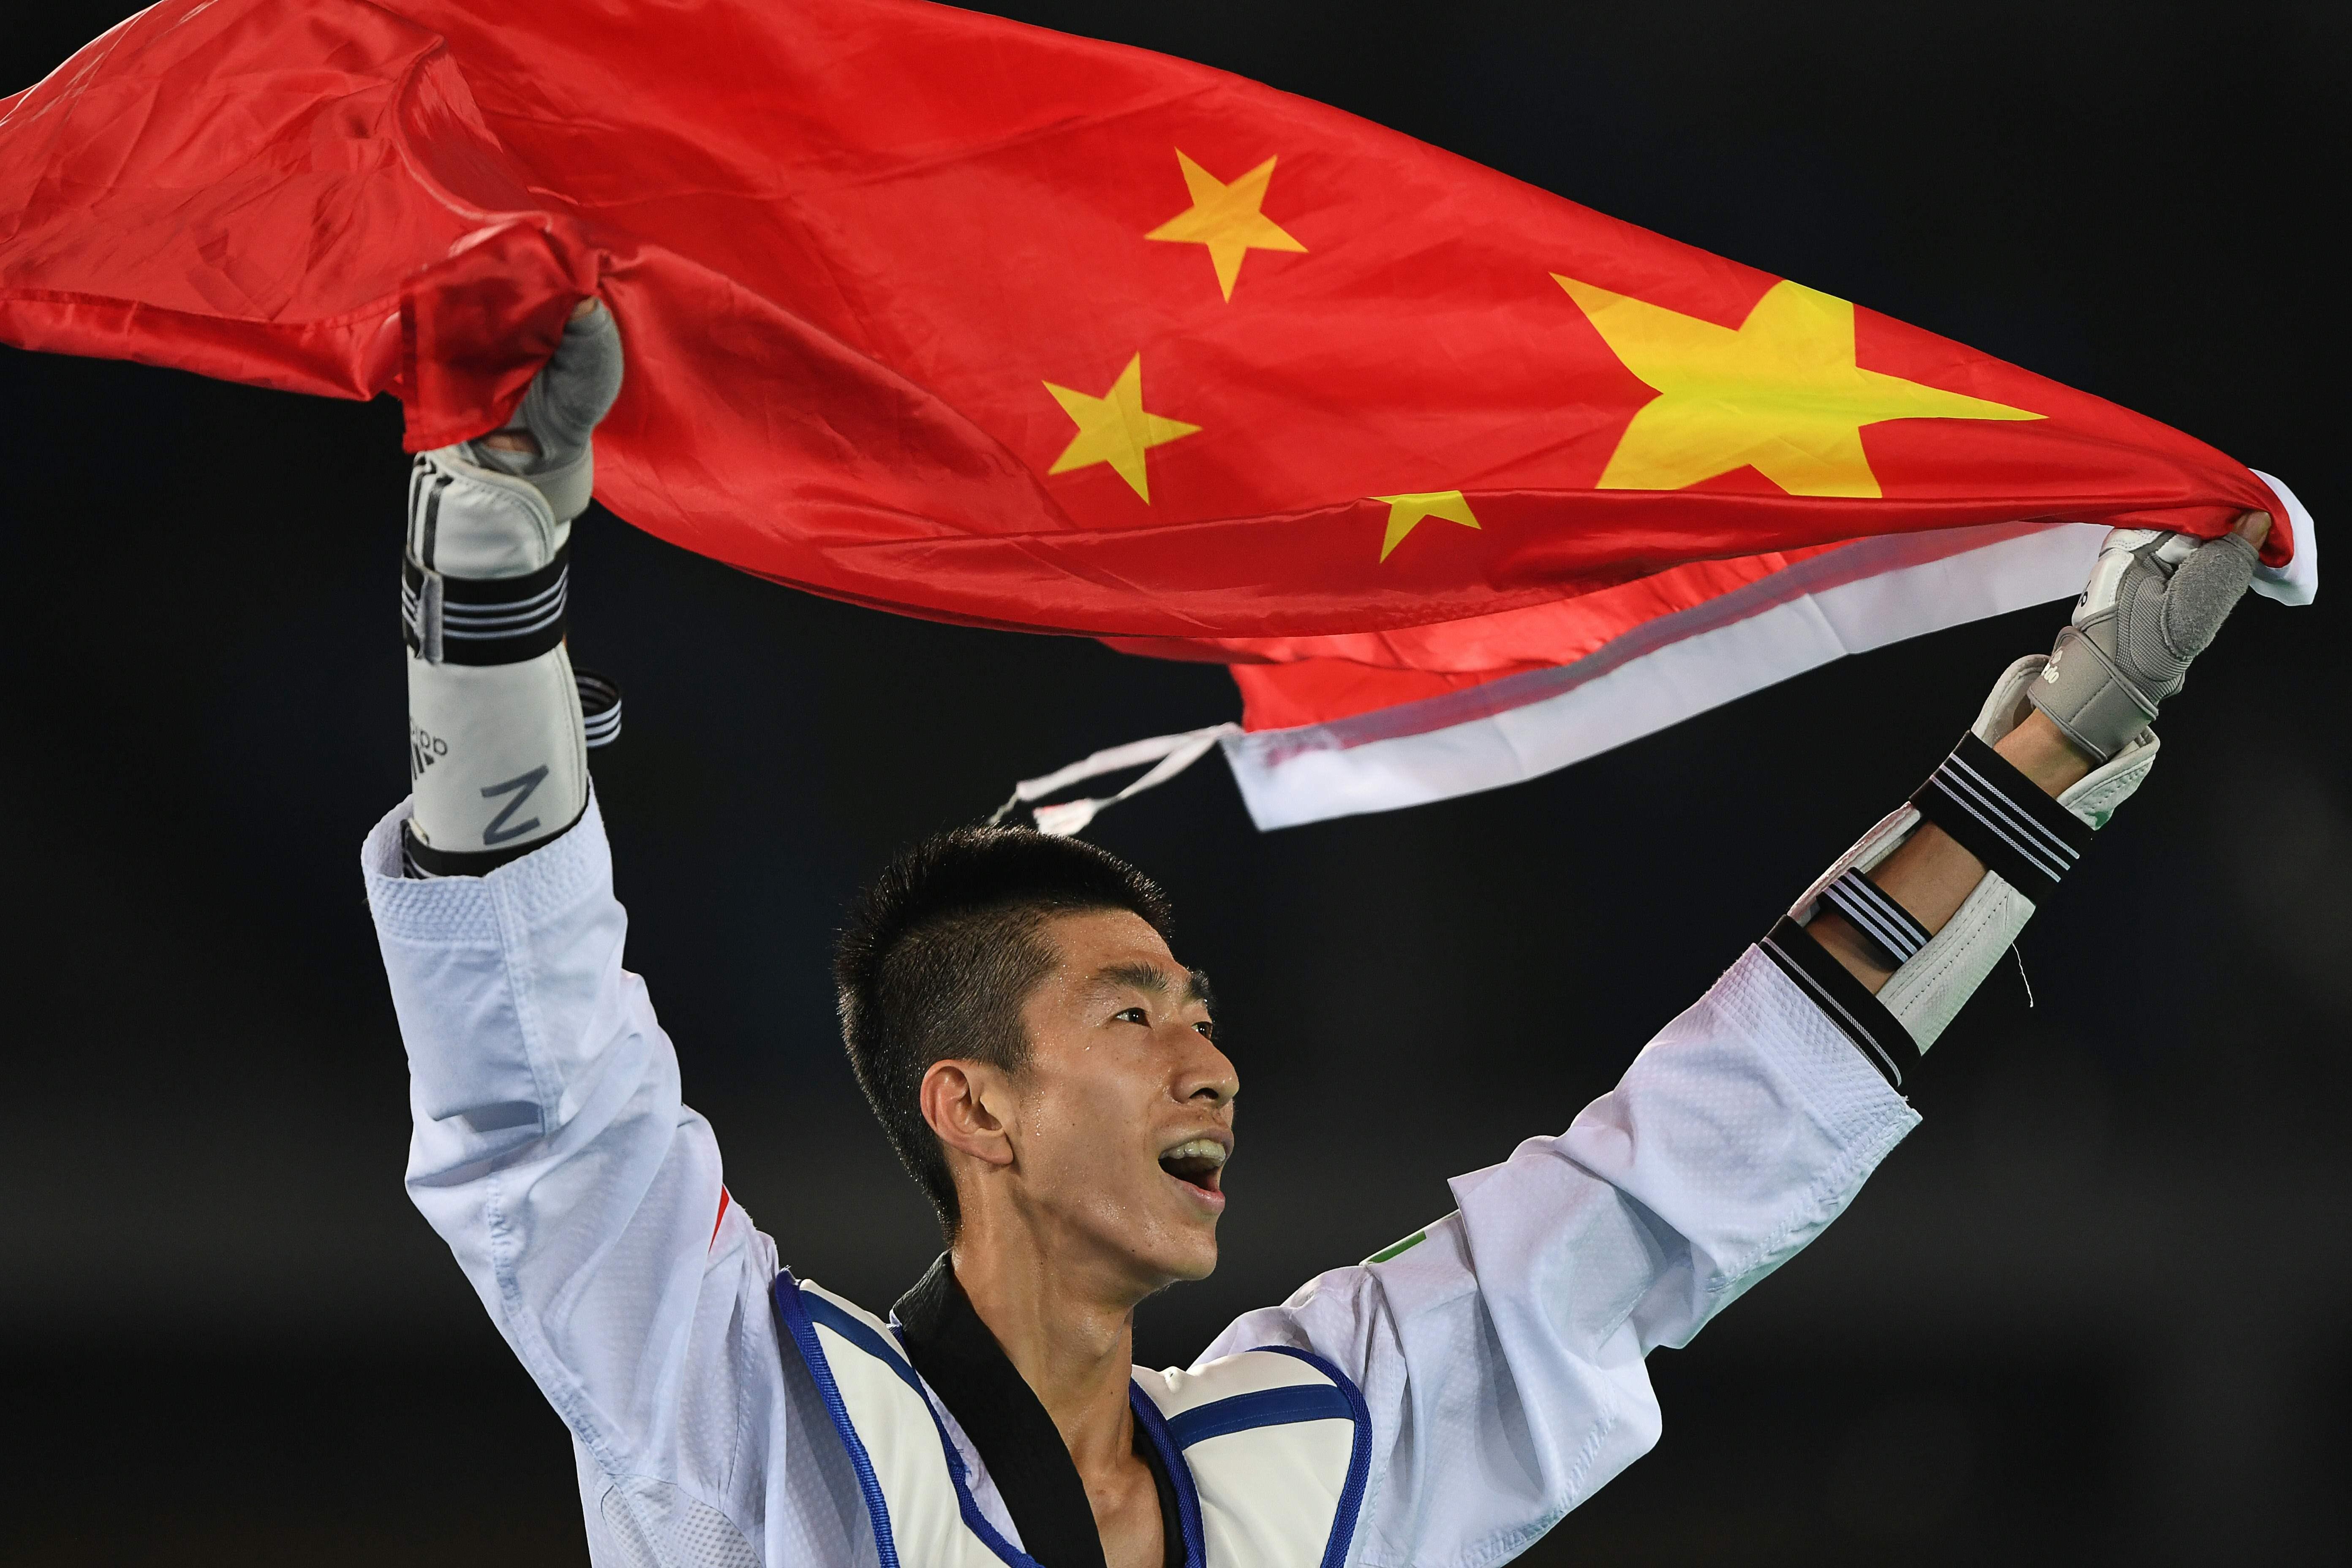 境外参赛规模最大!旗手朱婷赵帅领衔 中国代表团出场